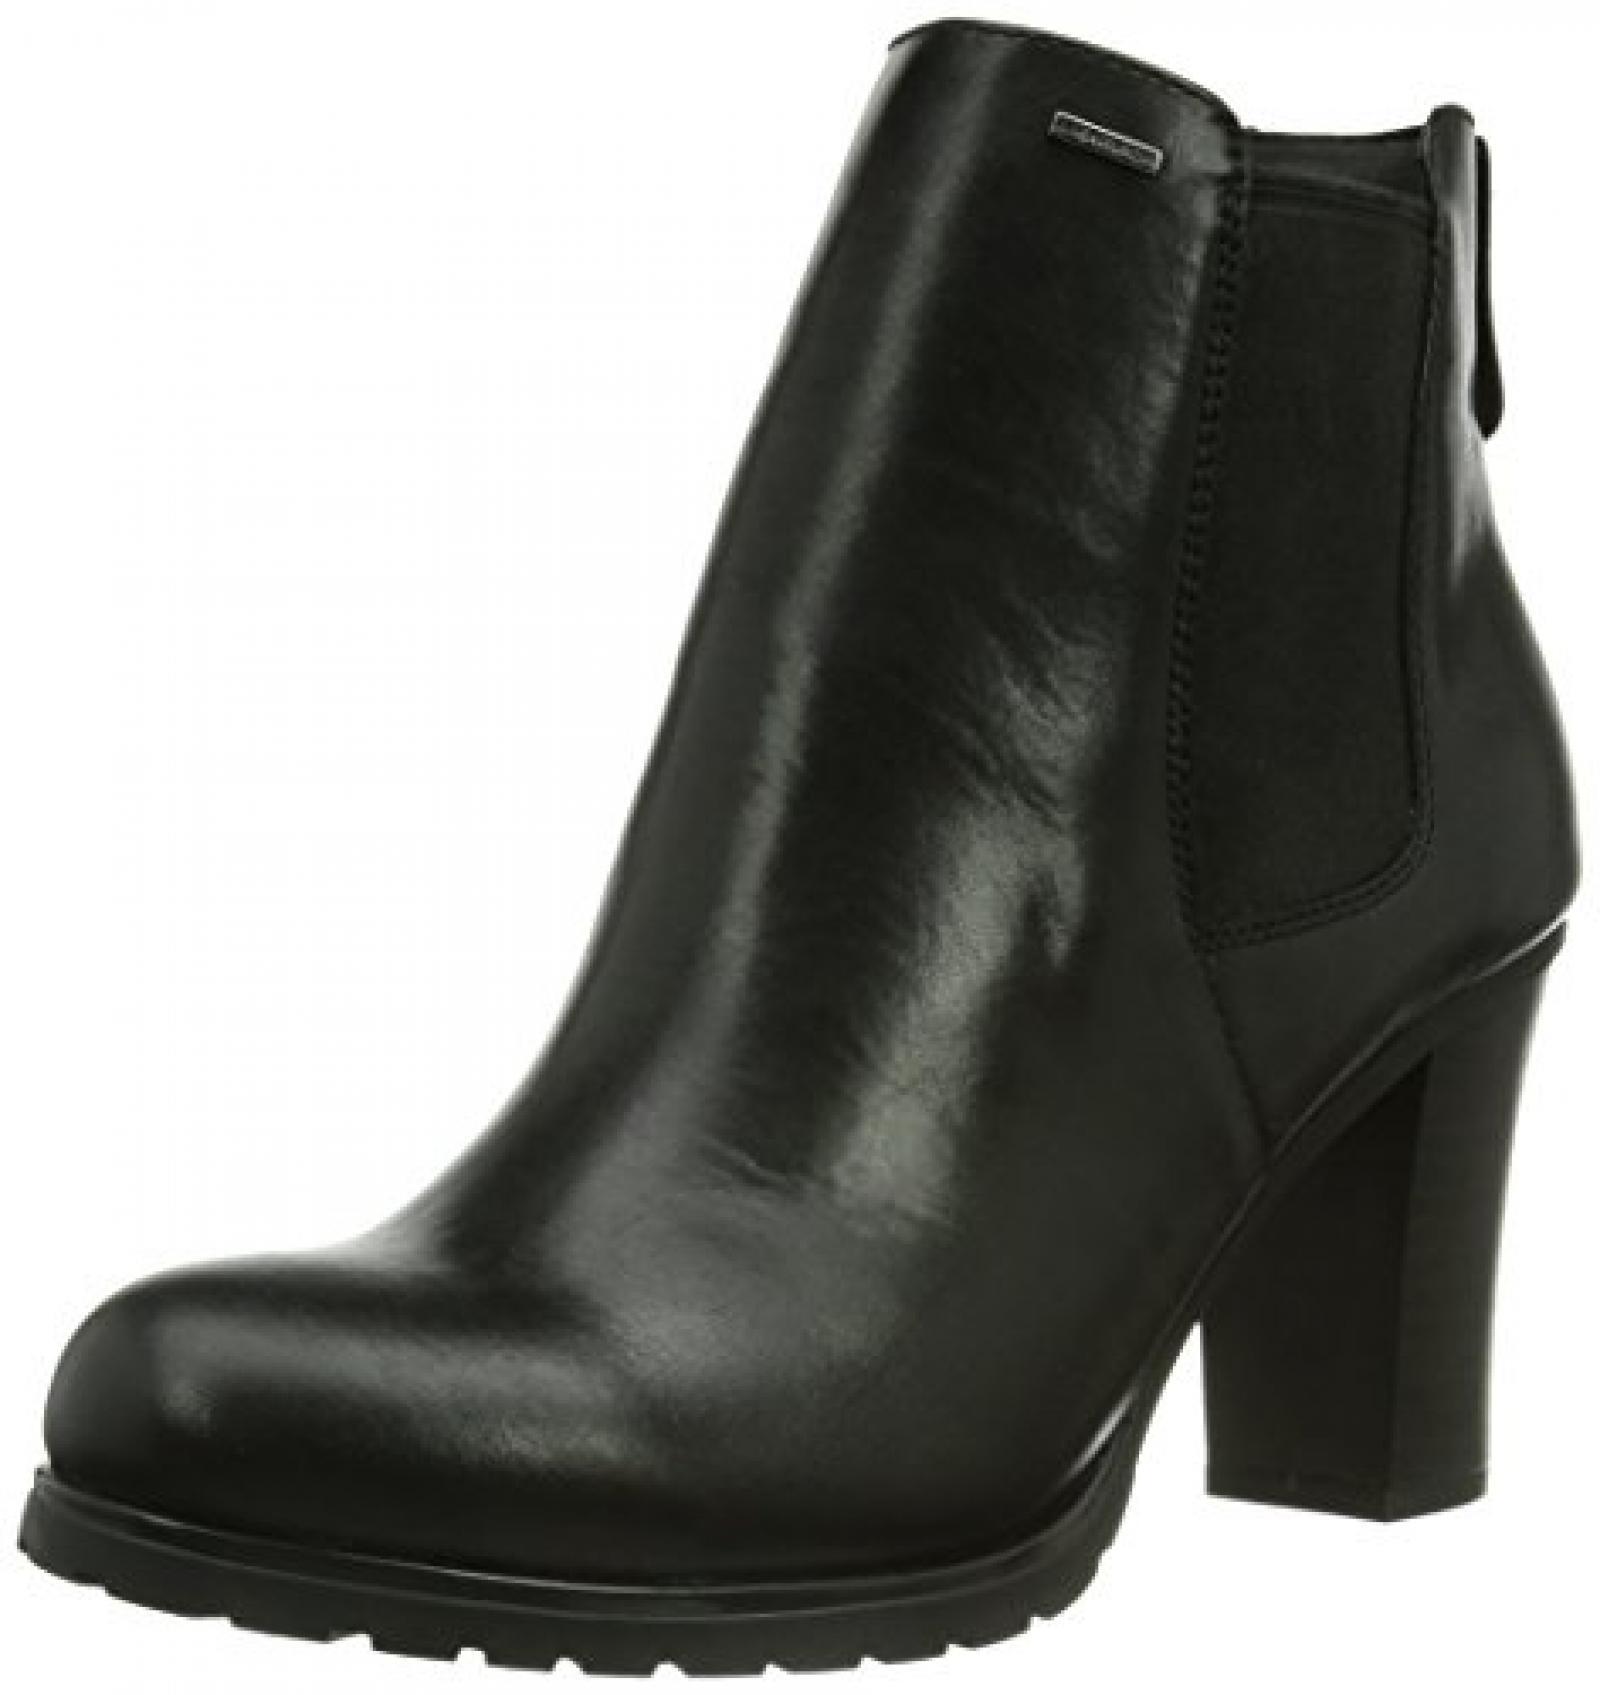 Geox Donna Trish D44Y1B00043C9999 Damen Kurzschaft Stiefel